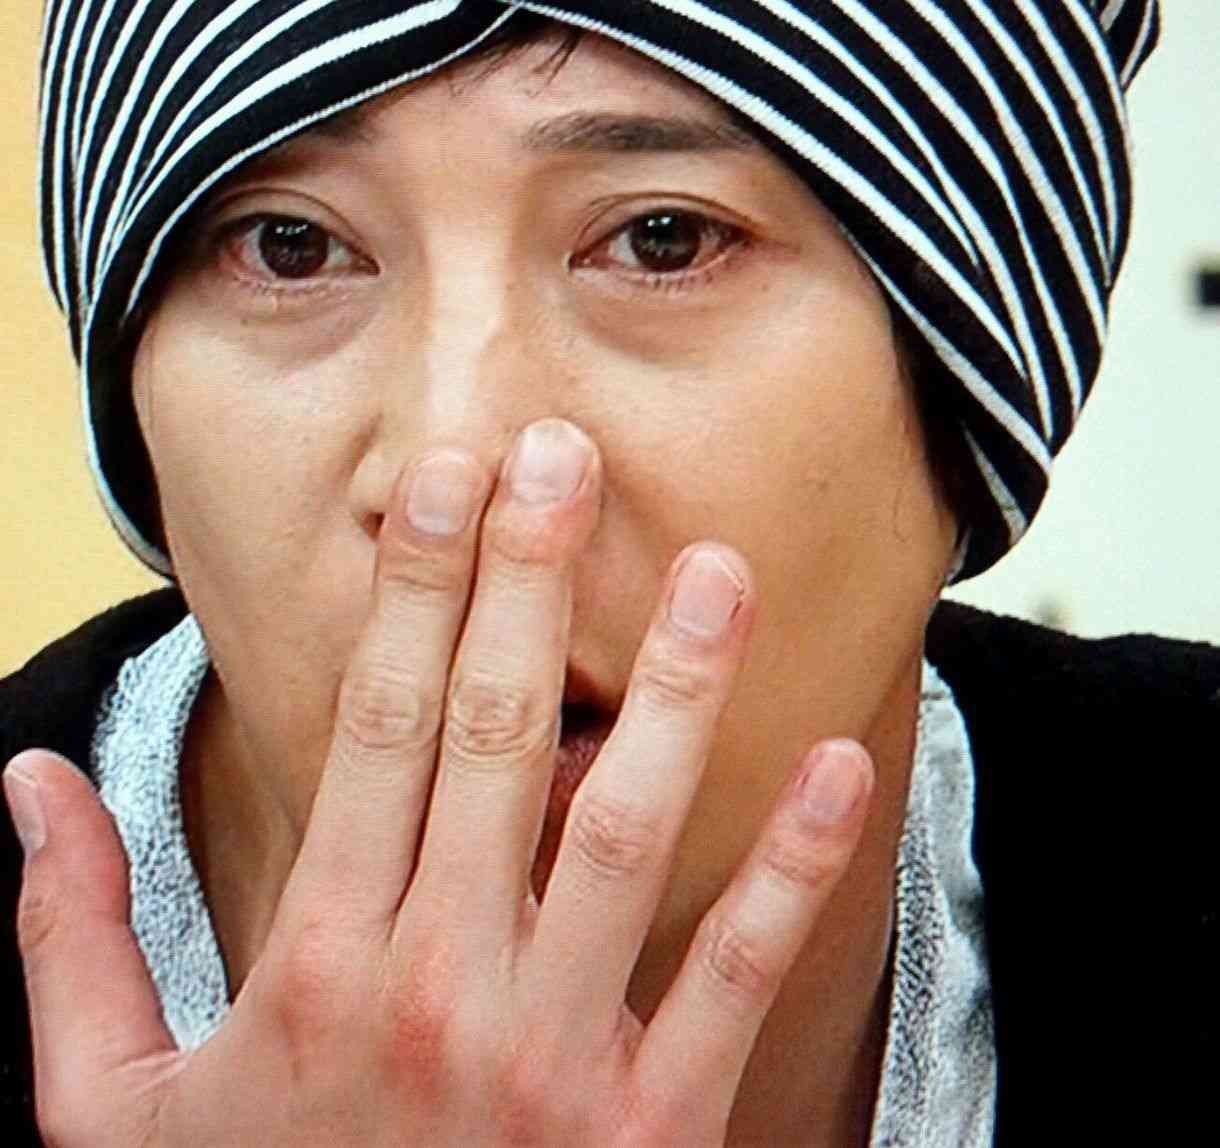 親指×小指の長さでわかる、陥りがちな恋愛パターンと得意な恋のアプローチ